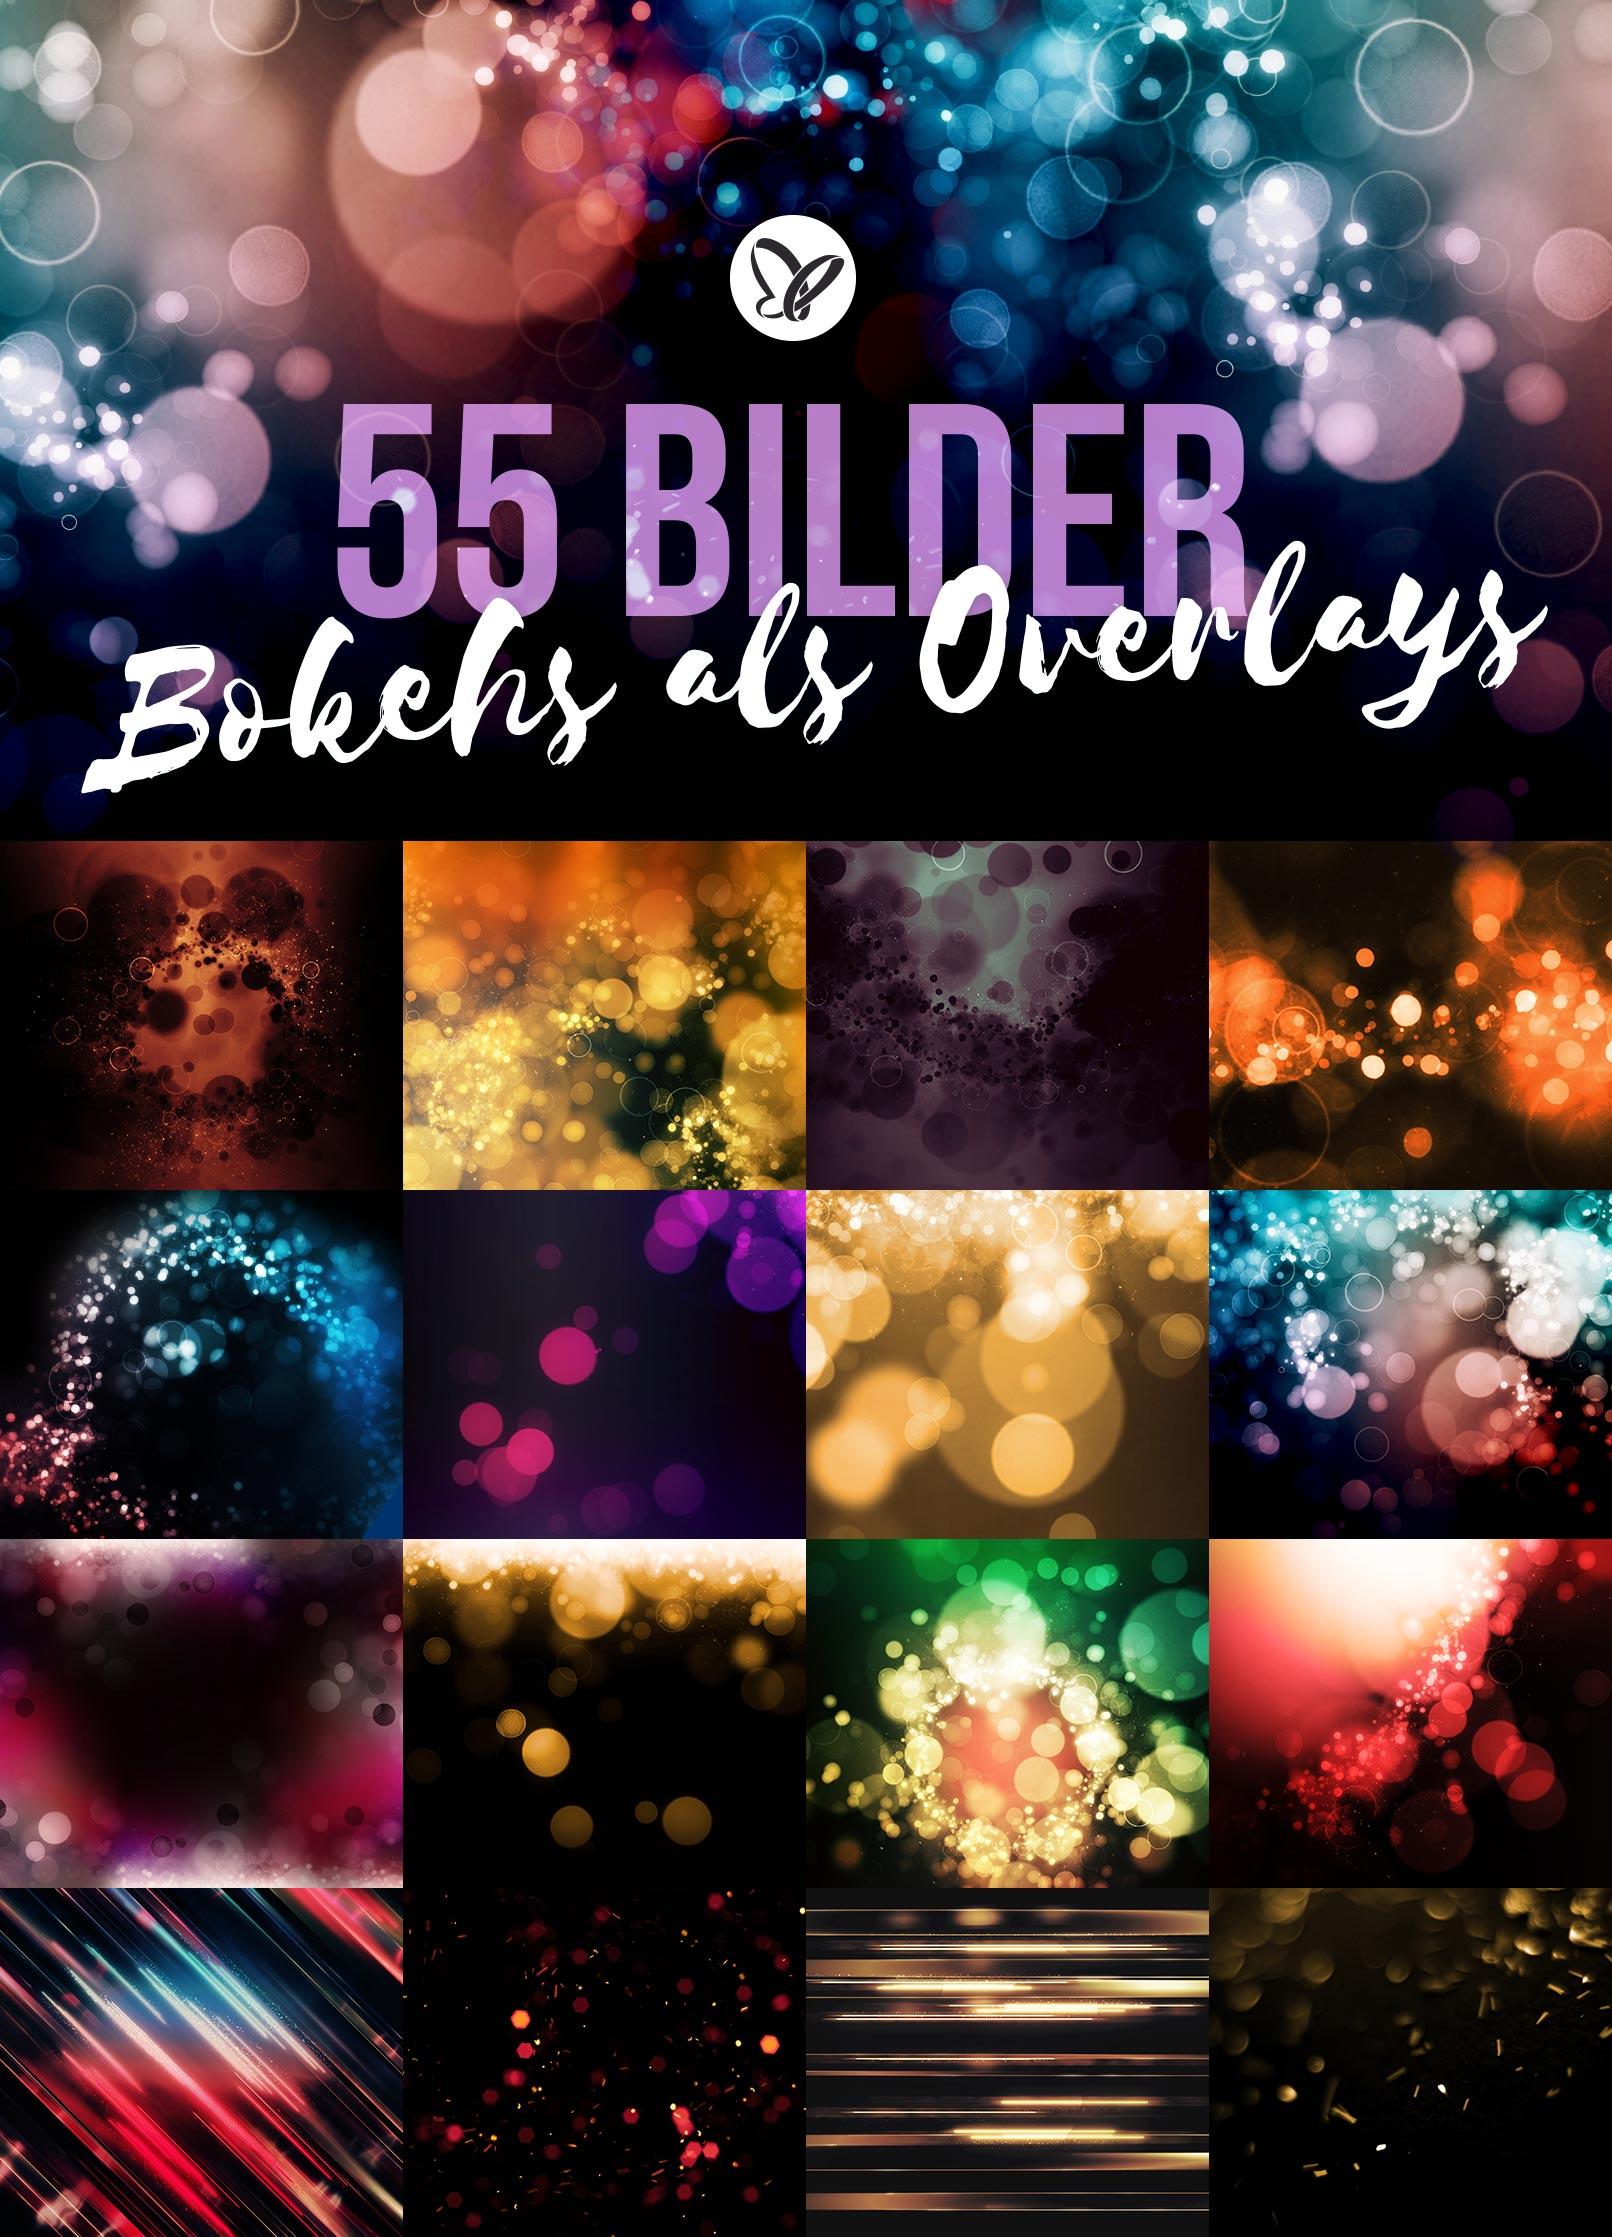 Überblick über die 55 Bokeh-Overlays